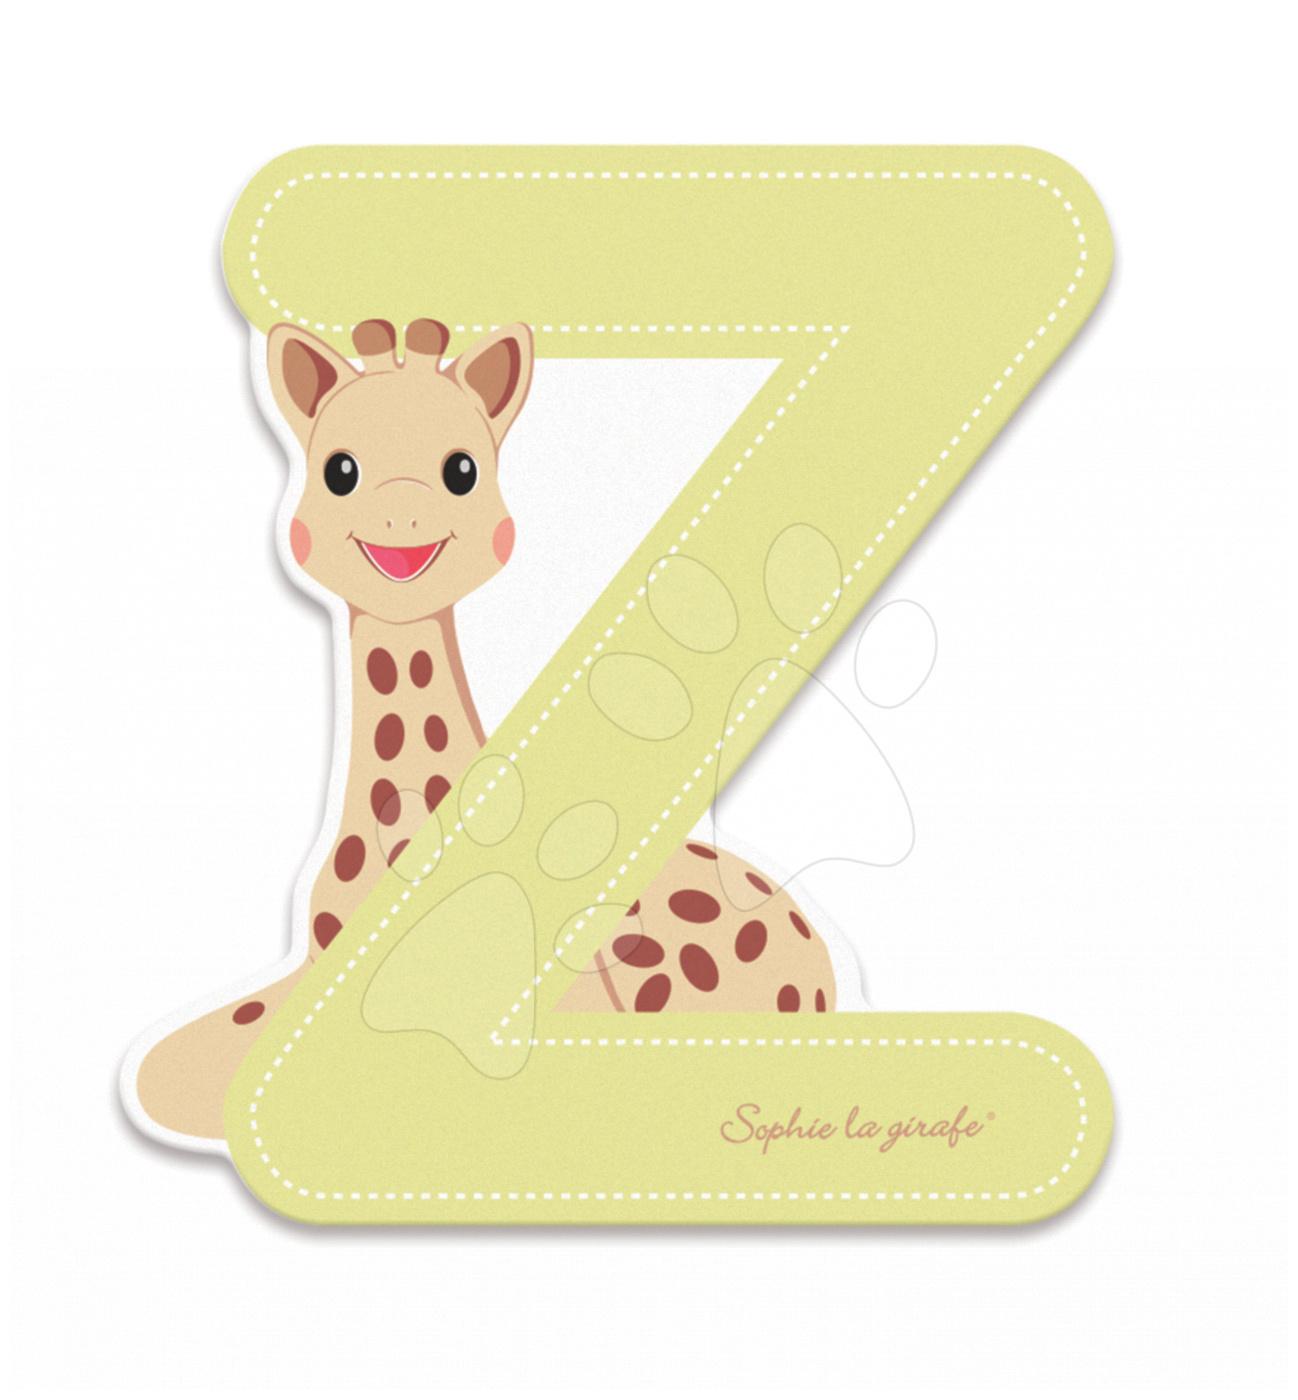 Dekorácie do detských izieb - Drevené písmeno Z Sophie The Giraffe Janod lepiace 7 cm béžové od 3 rokov